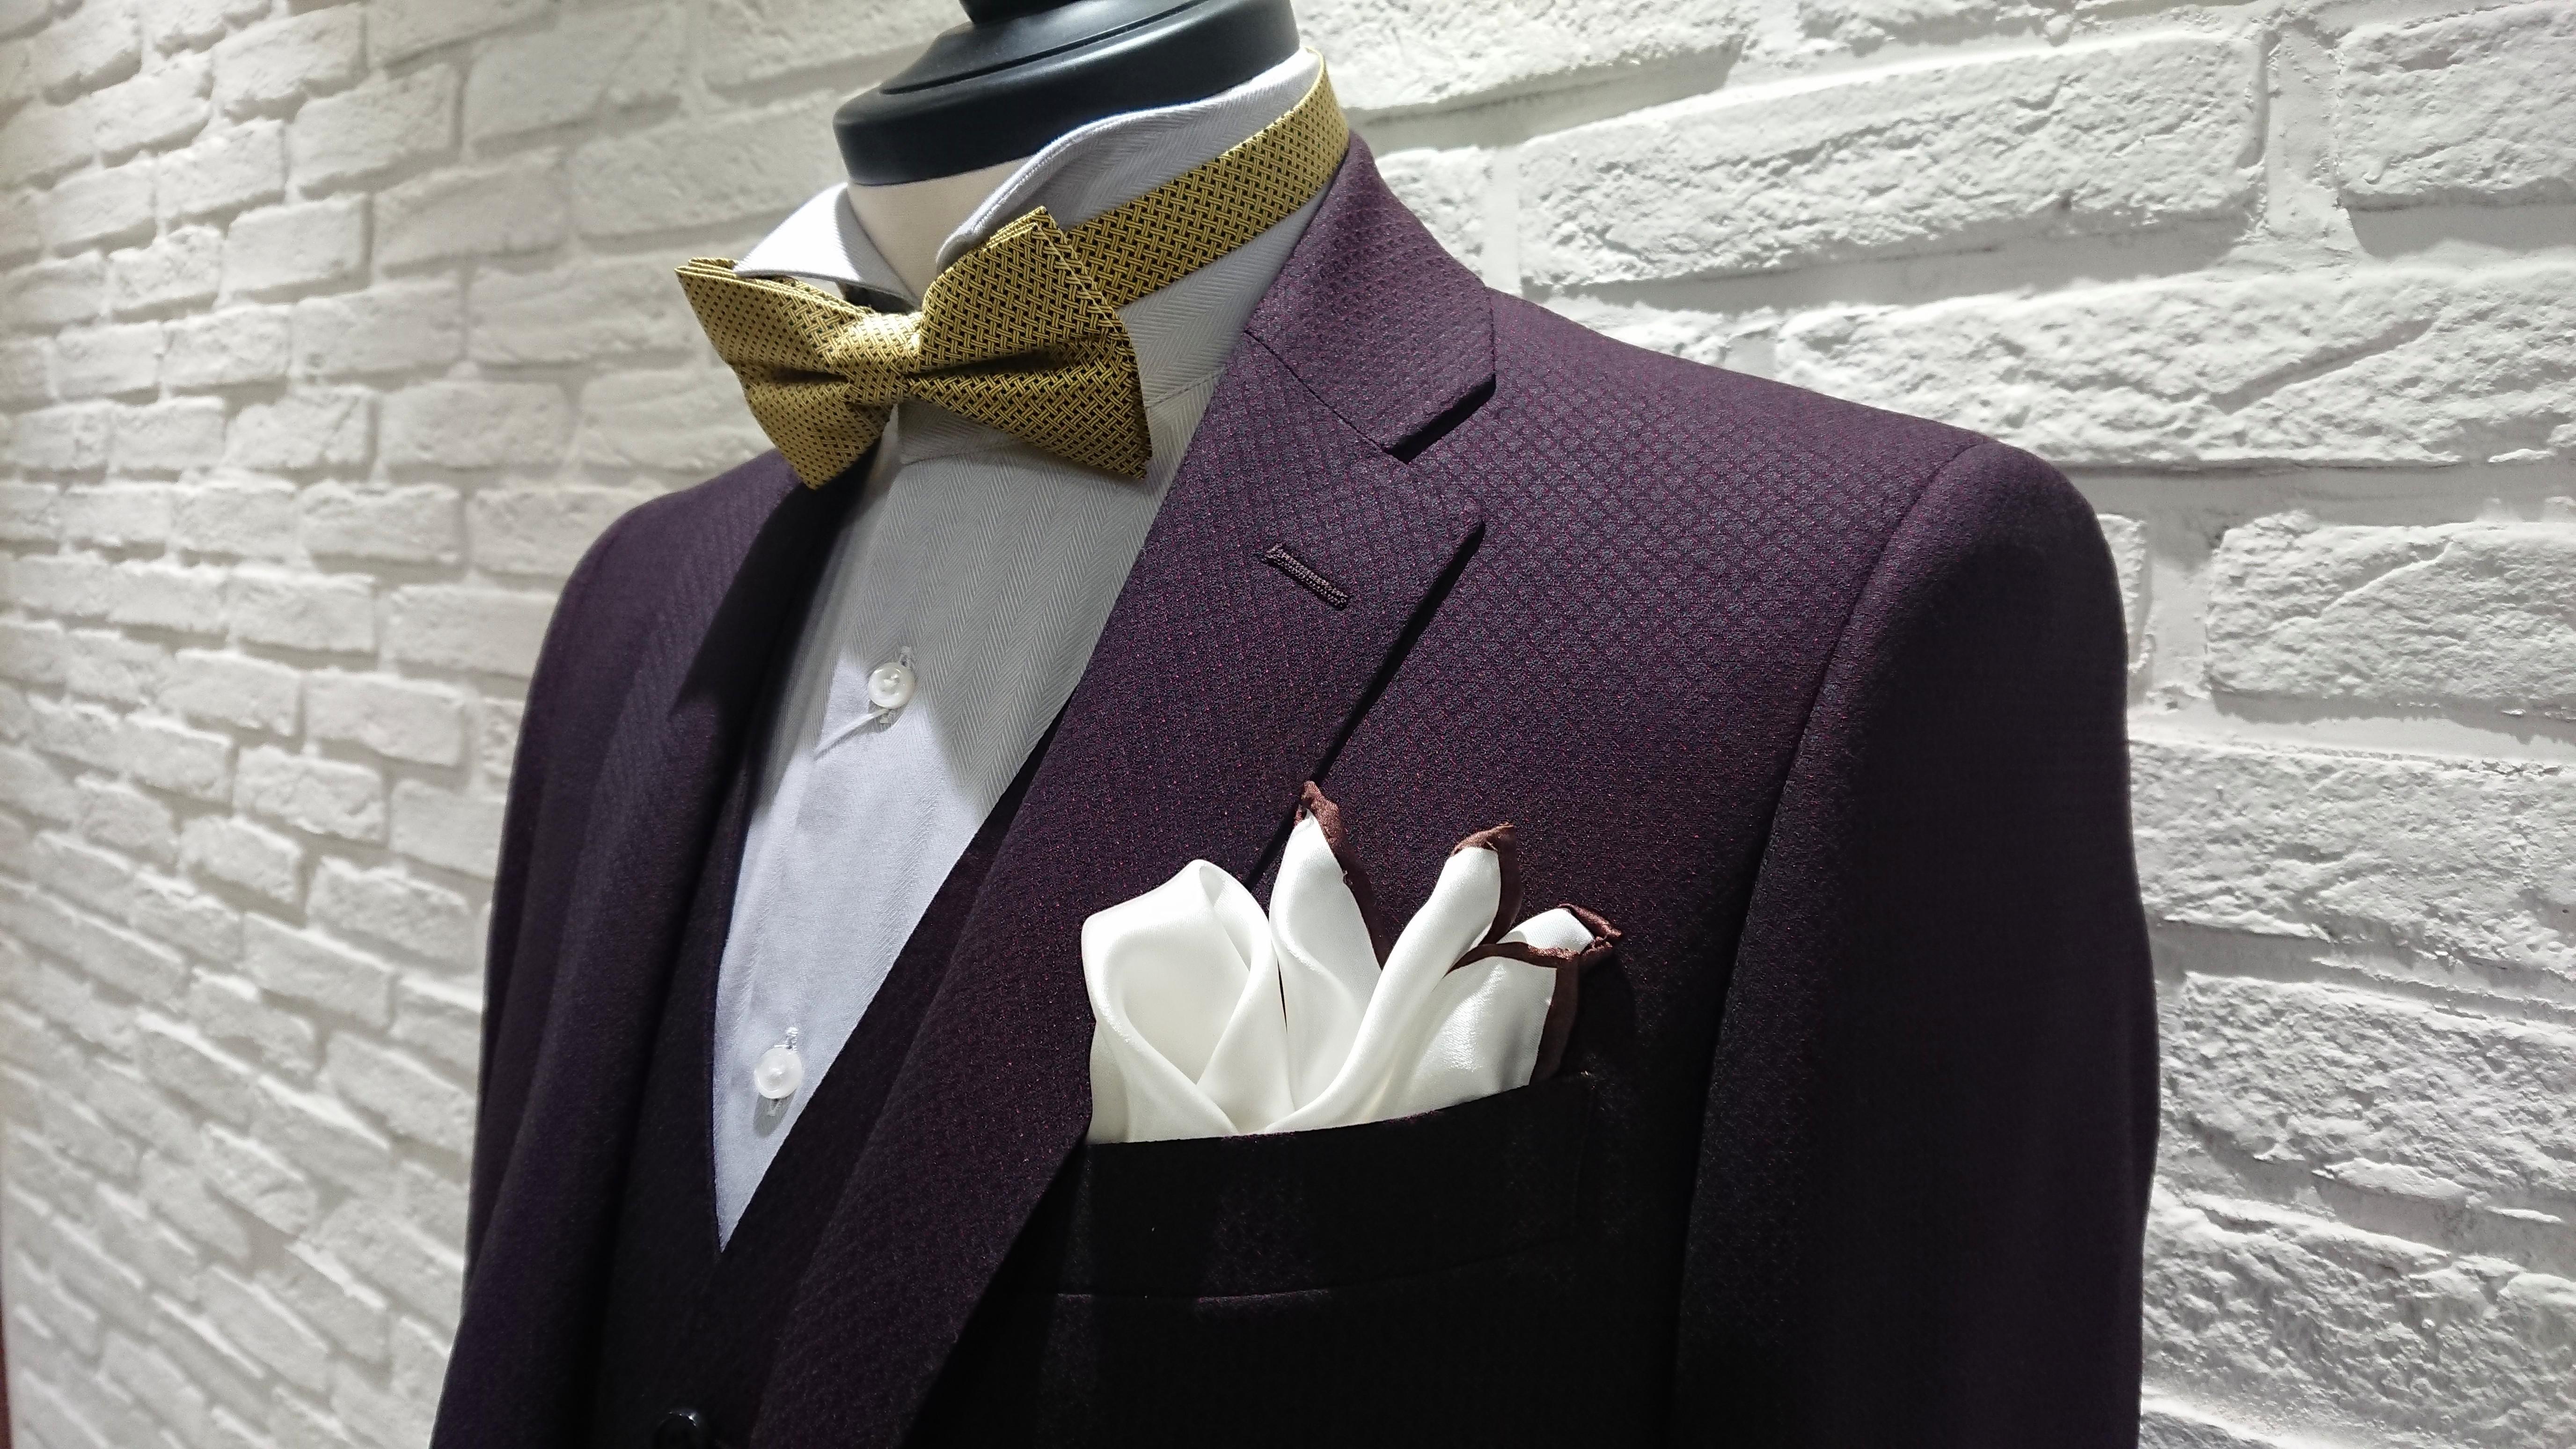 15b228be6fdd6 いつもはビジネス用にスーツをお使いの方にスポットを当てて、毎日のお仕事に使いやすいものを中心に紹介しておりましたが、新年初めの今回はいつもと趣向を変え、  ...